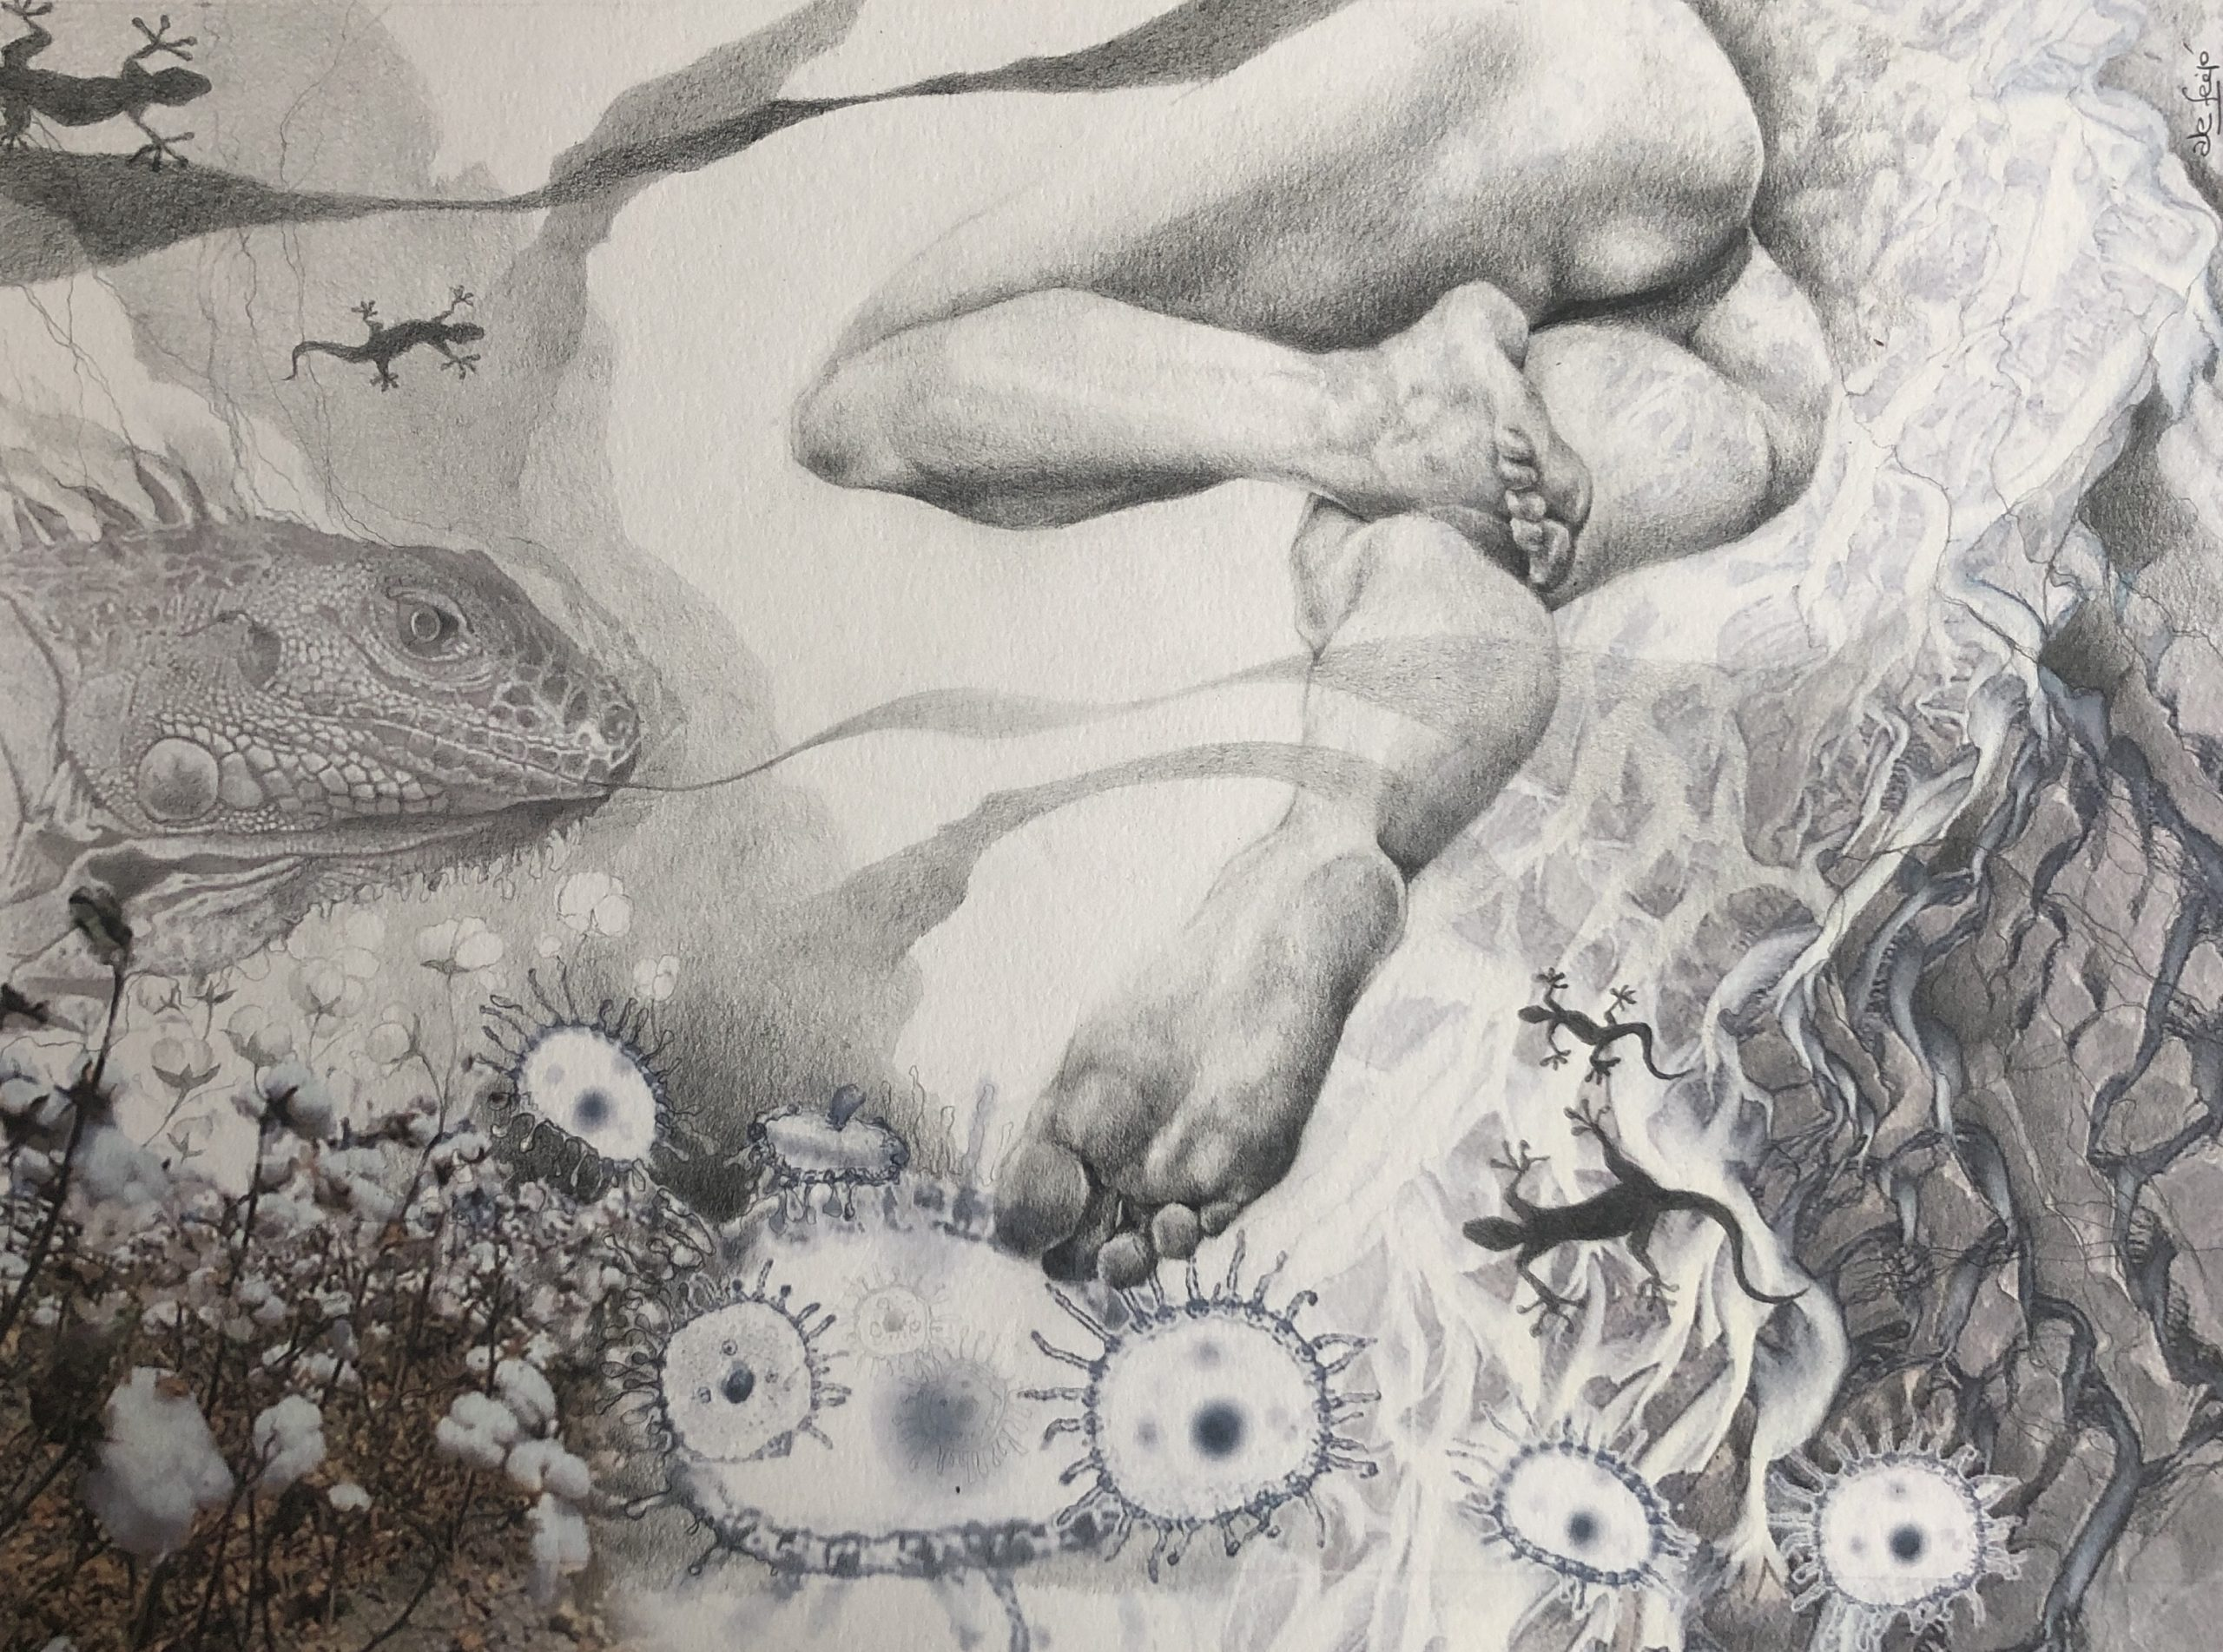 Ale Feijó | Mixtura de cuerpos IV | Técnica mixta: dibujo sobre papel y collage digital impreso sobre el papel dibujado. 34 x 23.5 cm